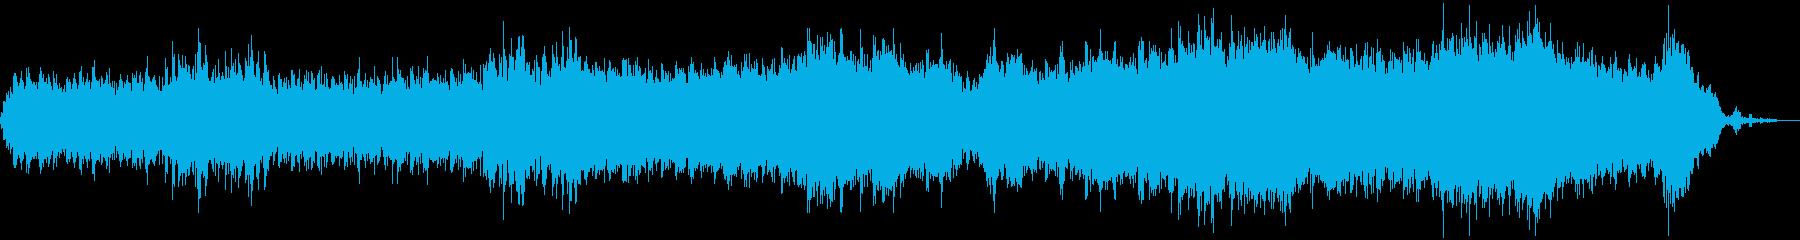 幻想的な癒し系バラードの再生済みの波形